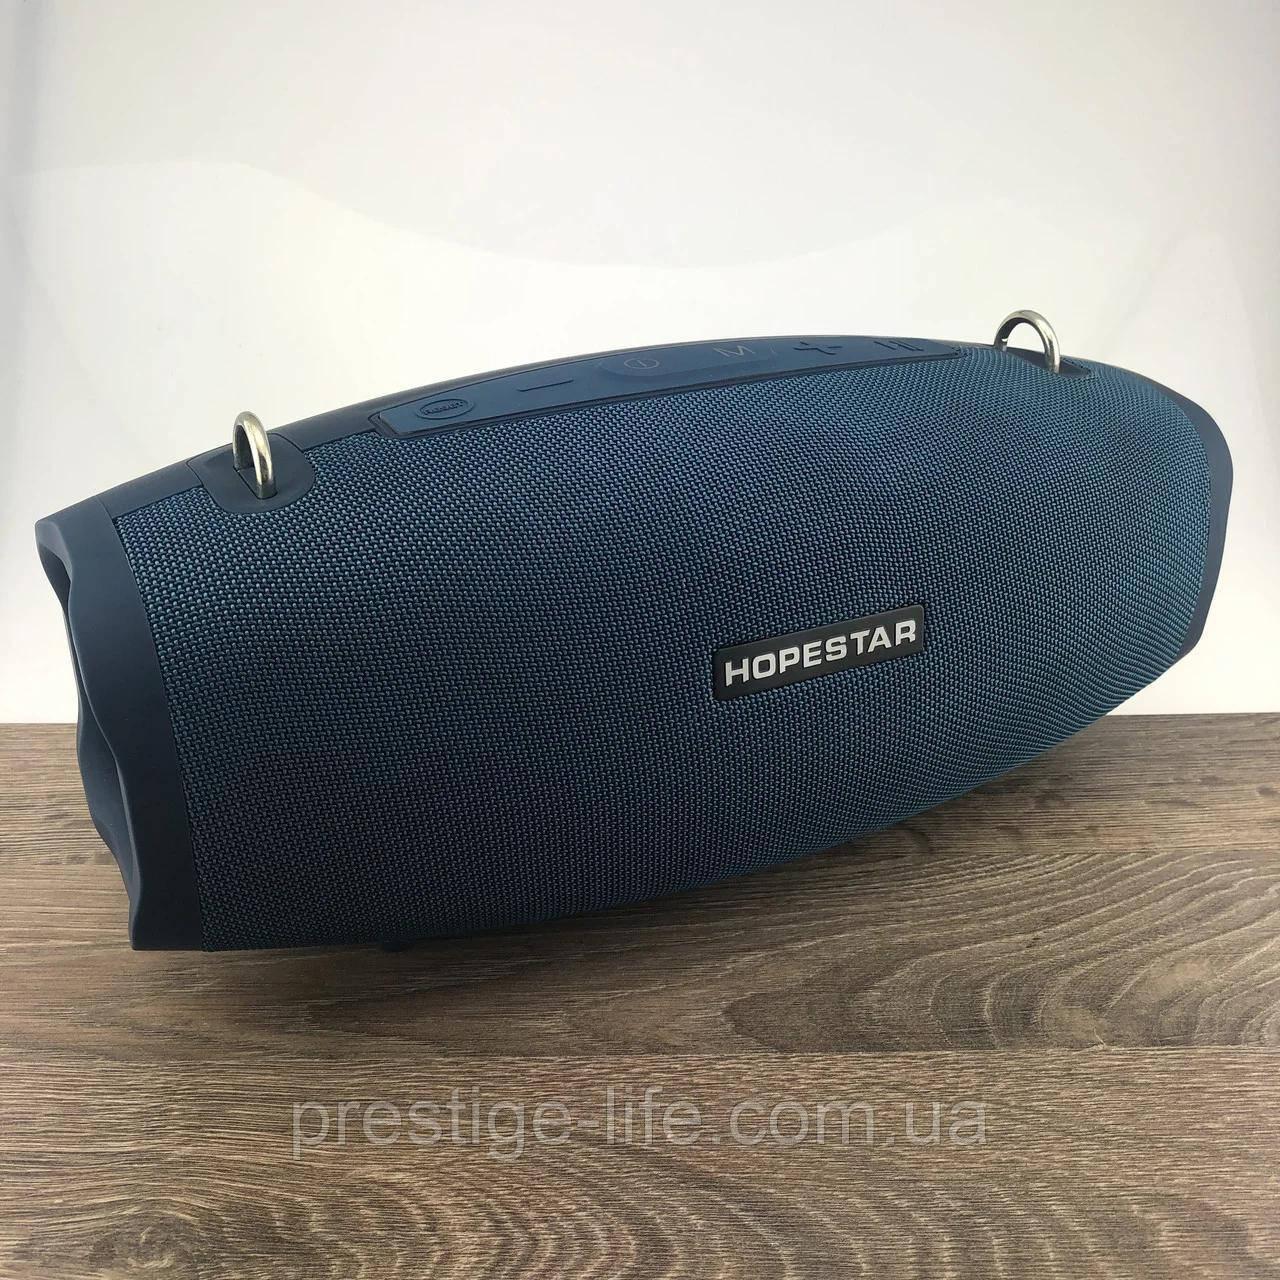 Hopestar X Bluetooth Колонка (с микрофоном) портативная колонка Hopestar X ( 40Вт реальных) Синий цвет